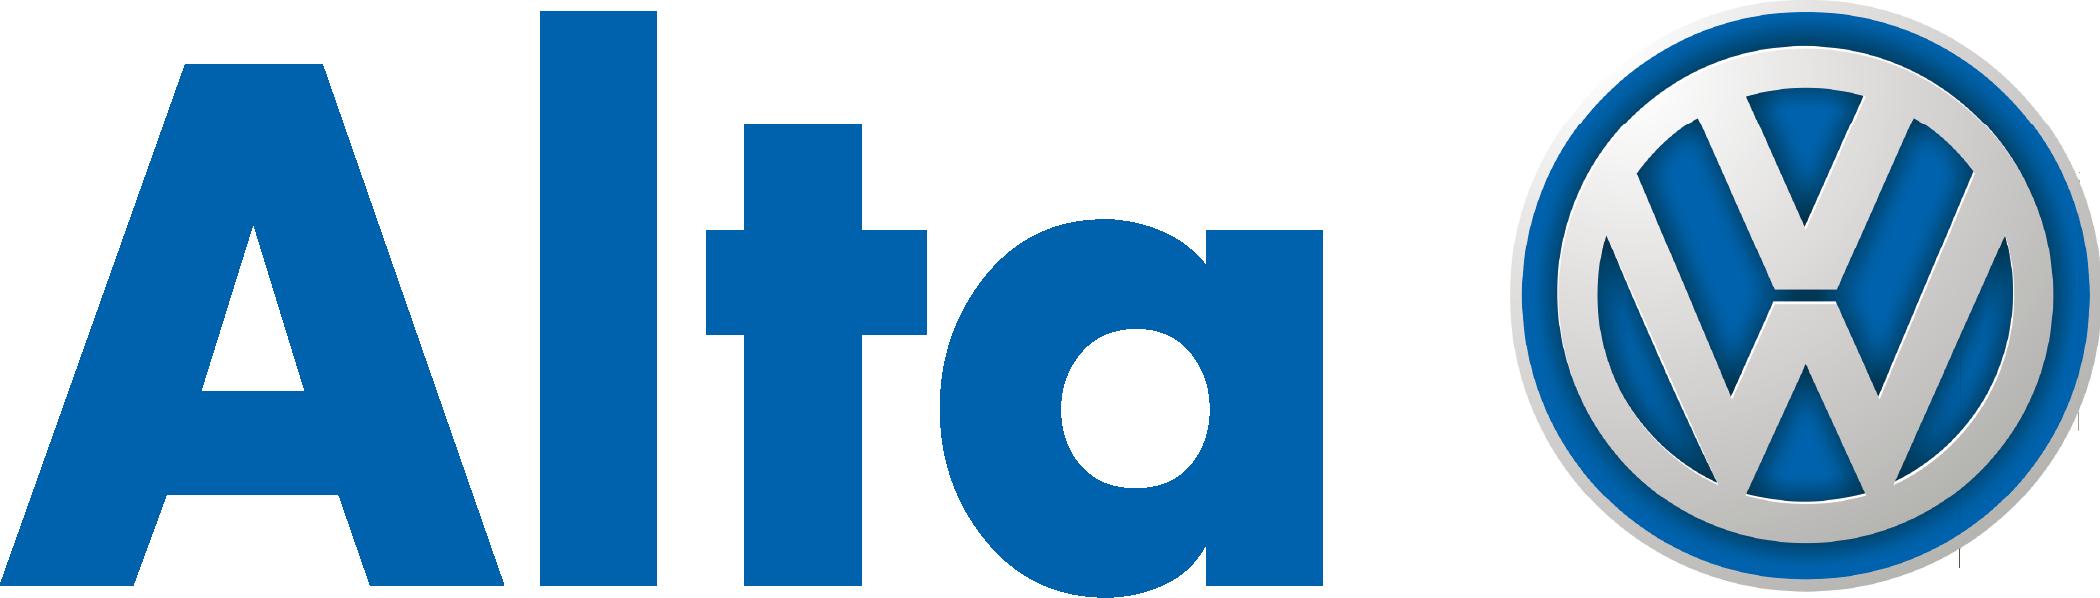 Alta Jafet